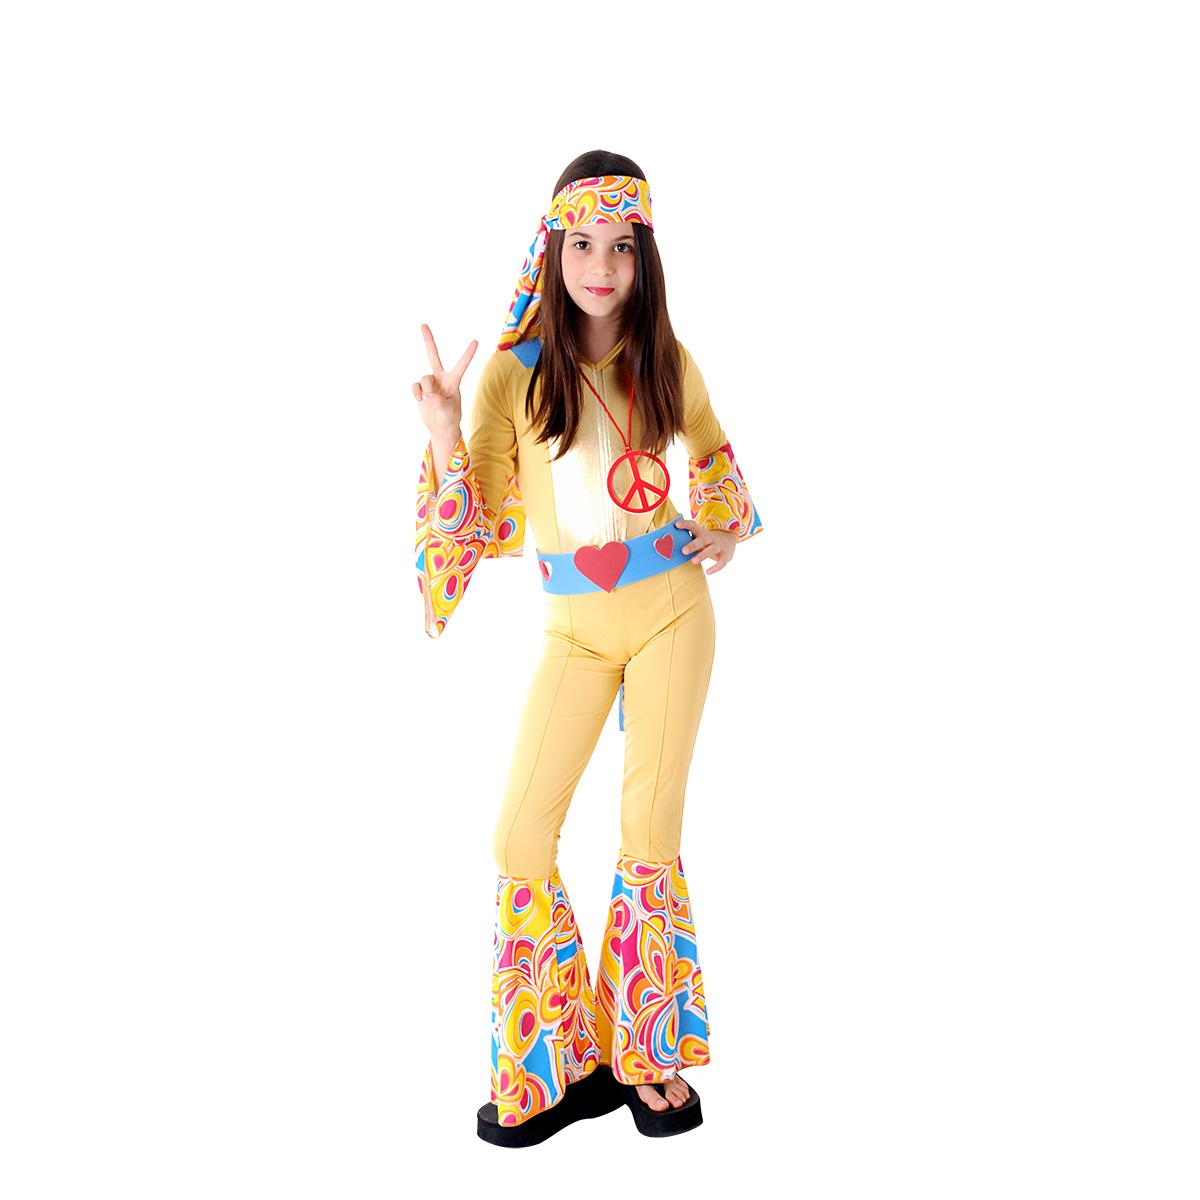 Fantasia hippie anos 70 isofestas fantasias e artigos para festas em curitiba - Hippies anos 70 ...